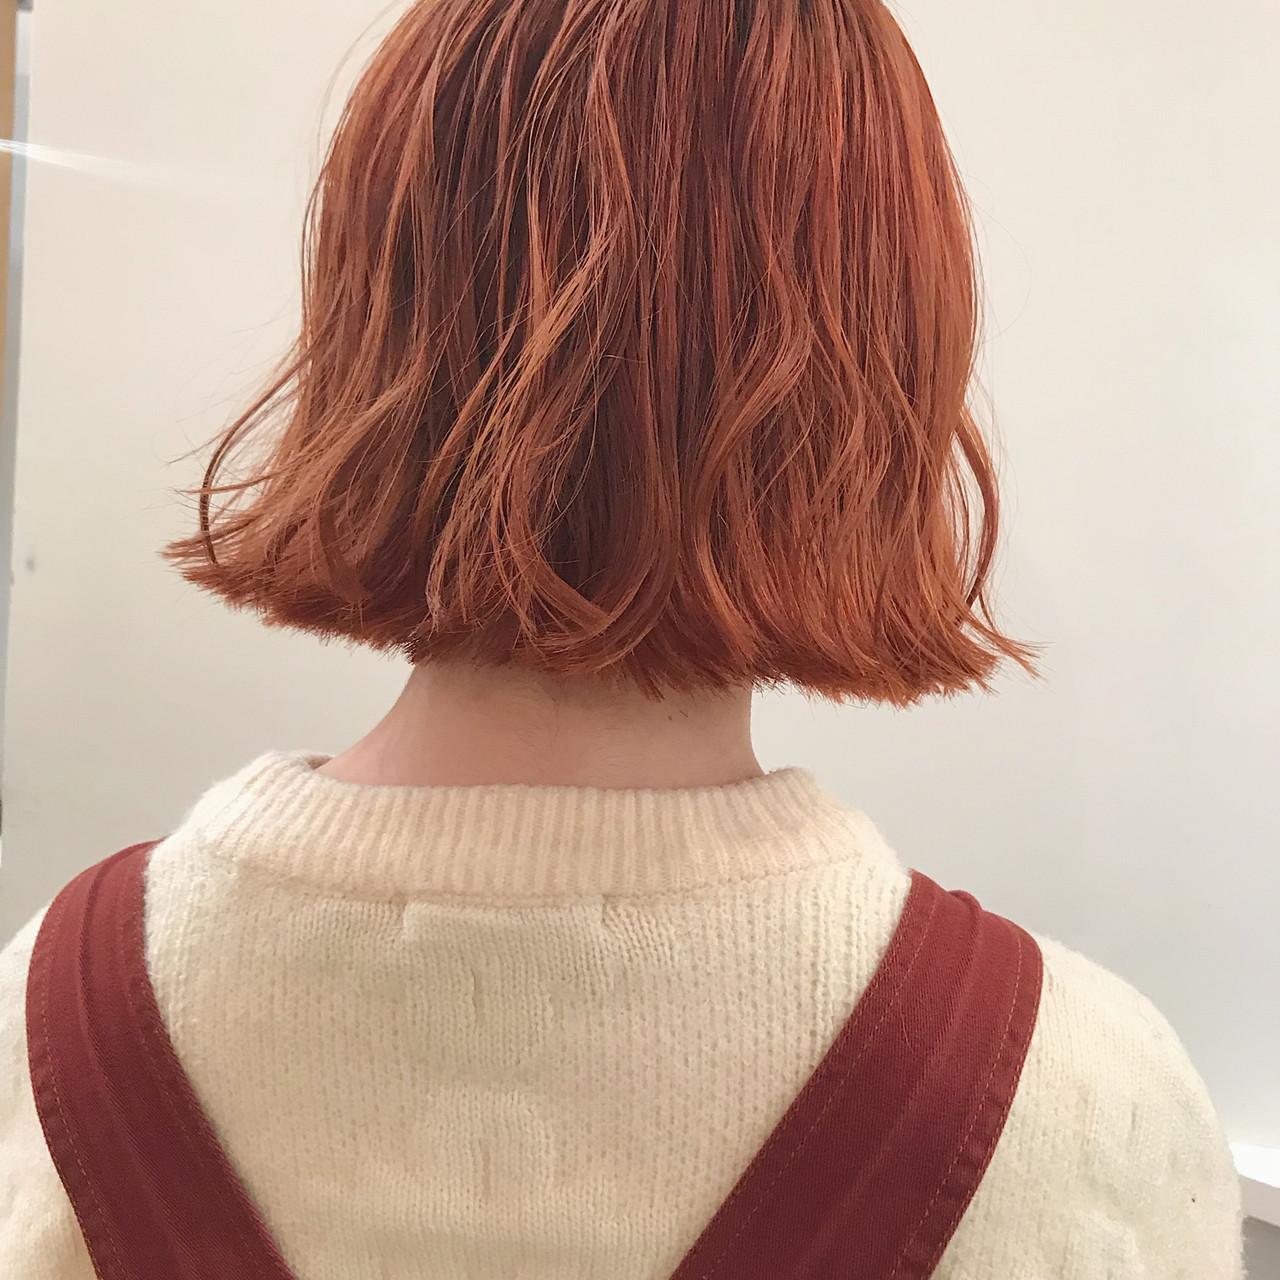 ナチュラル オレンジ オレンジブラウン オレンジカラー ヘアスタイルや髪型の写真・画像